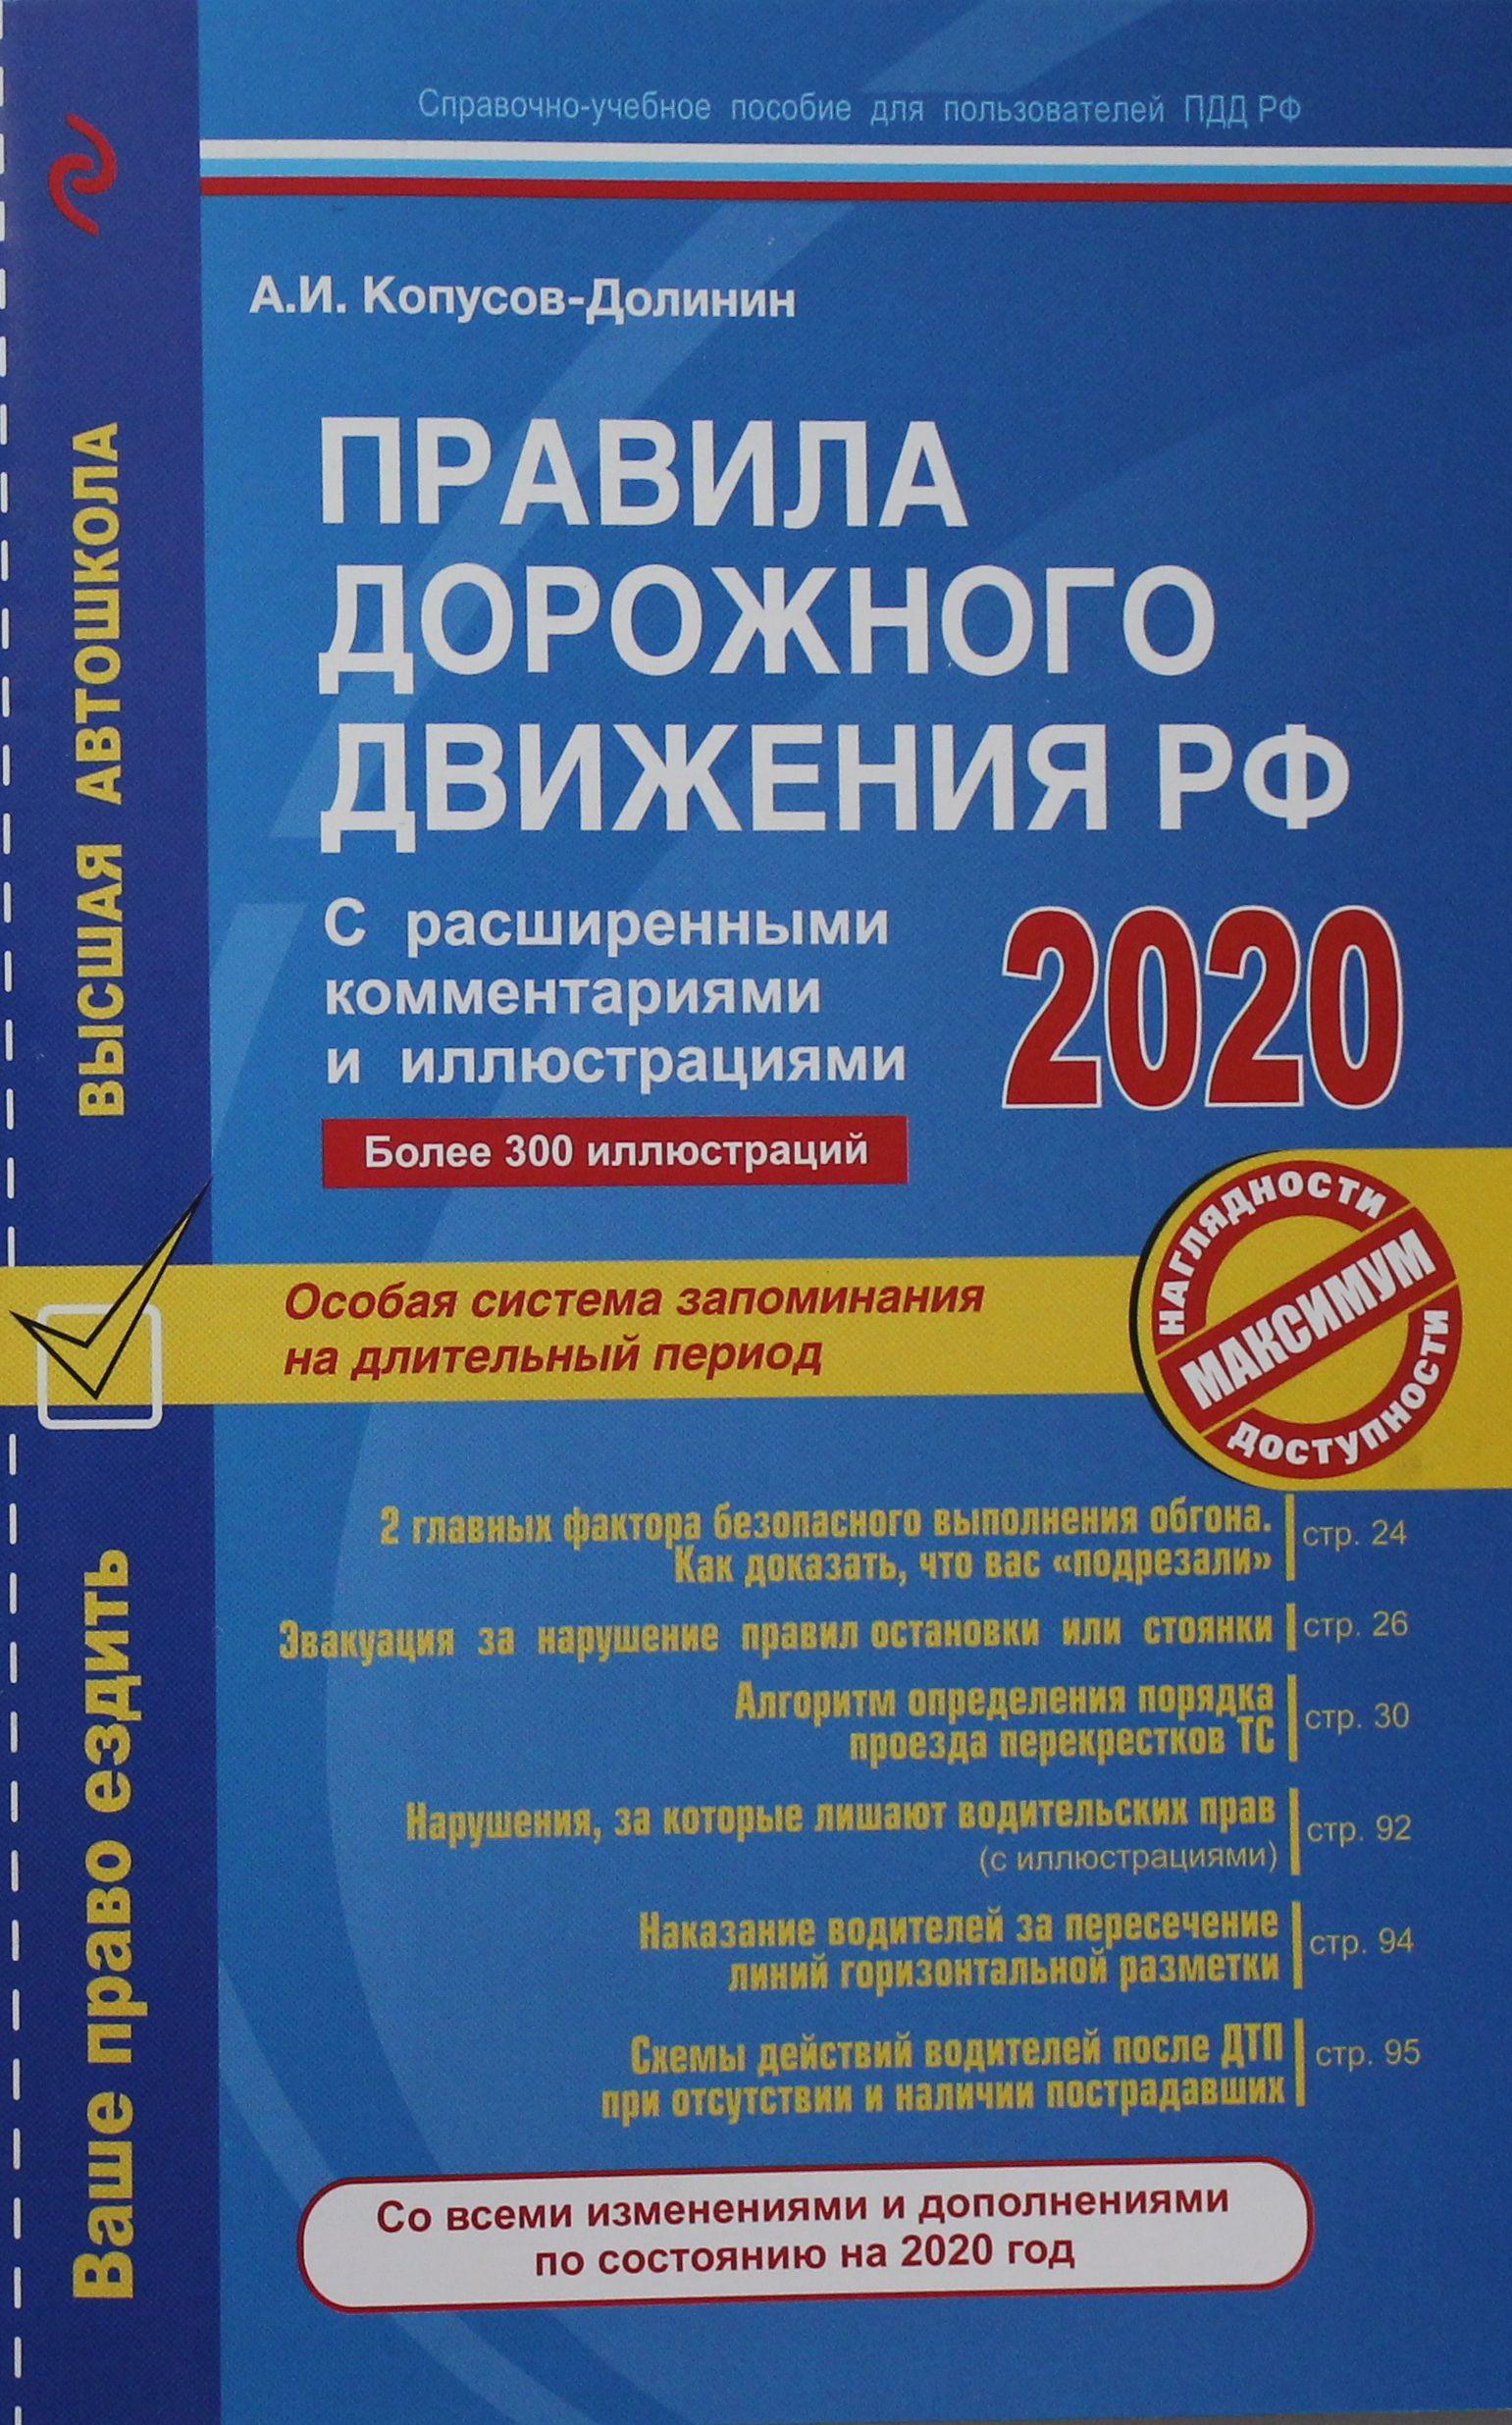 Pravila dorozhnogo dvizhenija RF s rasshirennymi kommentarijami i illjustratsijami s izm. i dop. na 2020 g.